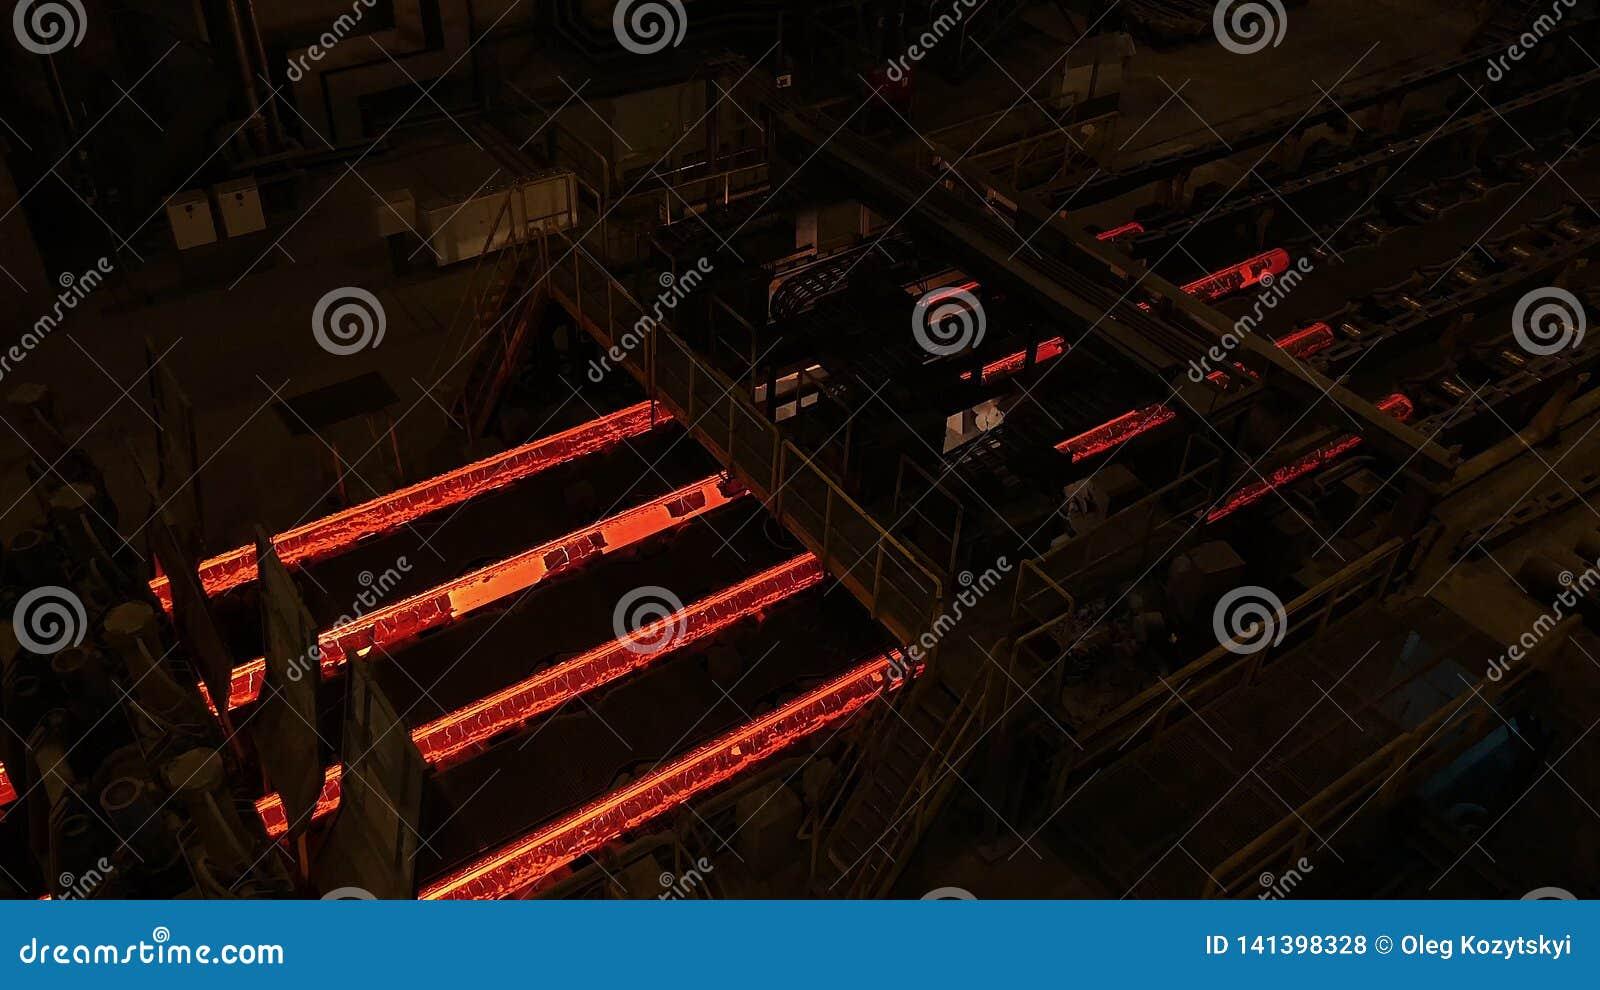 Staalfabriekinstallatie De productielijn van de metaalbuis bij metaalfabriek De hete productielijn van de staalpijp metallurgie G